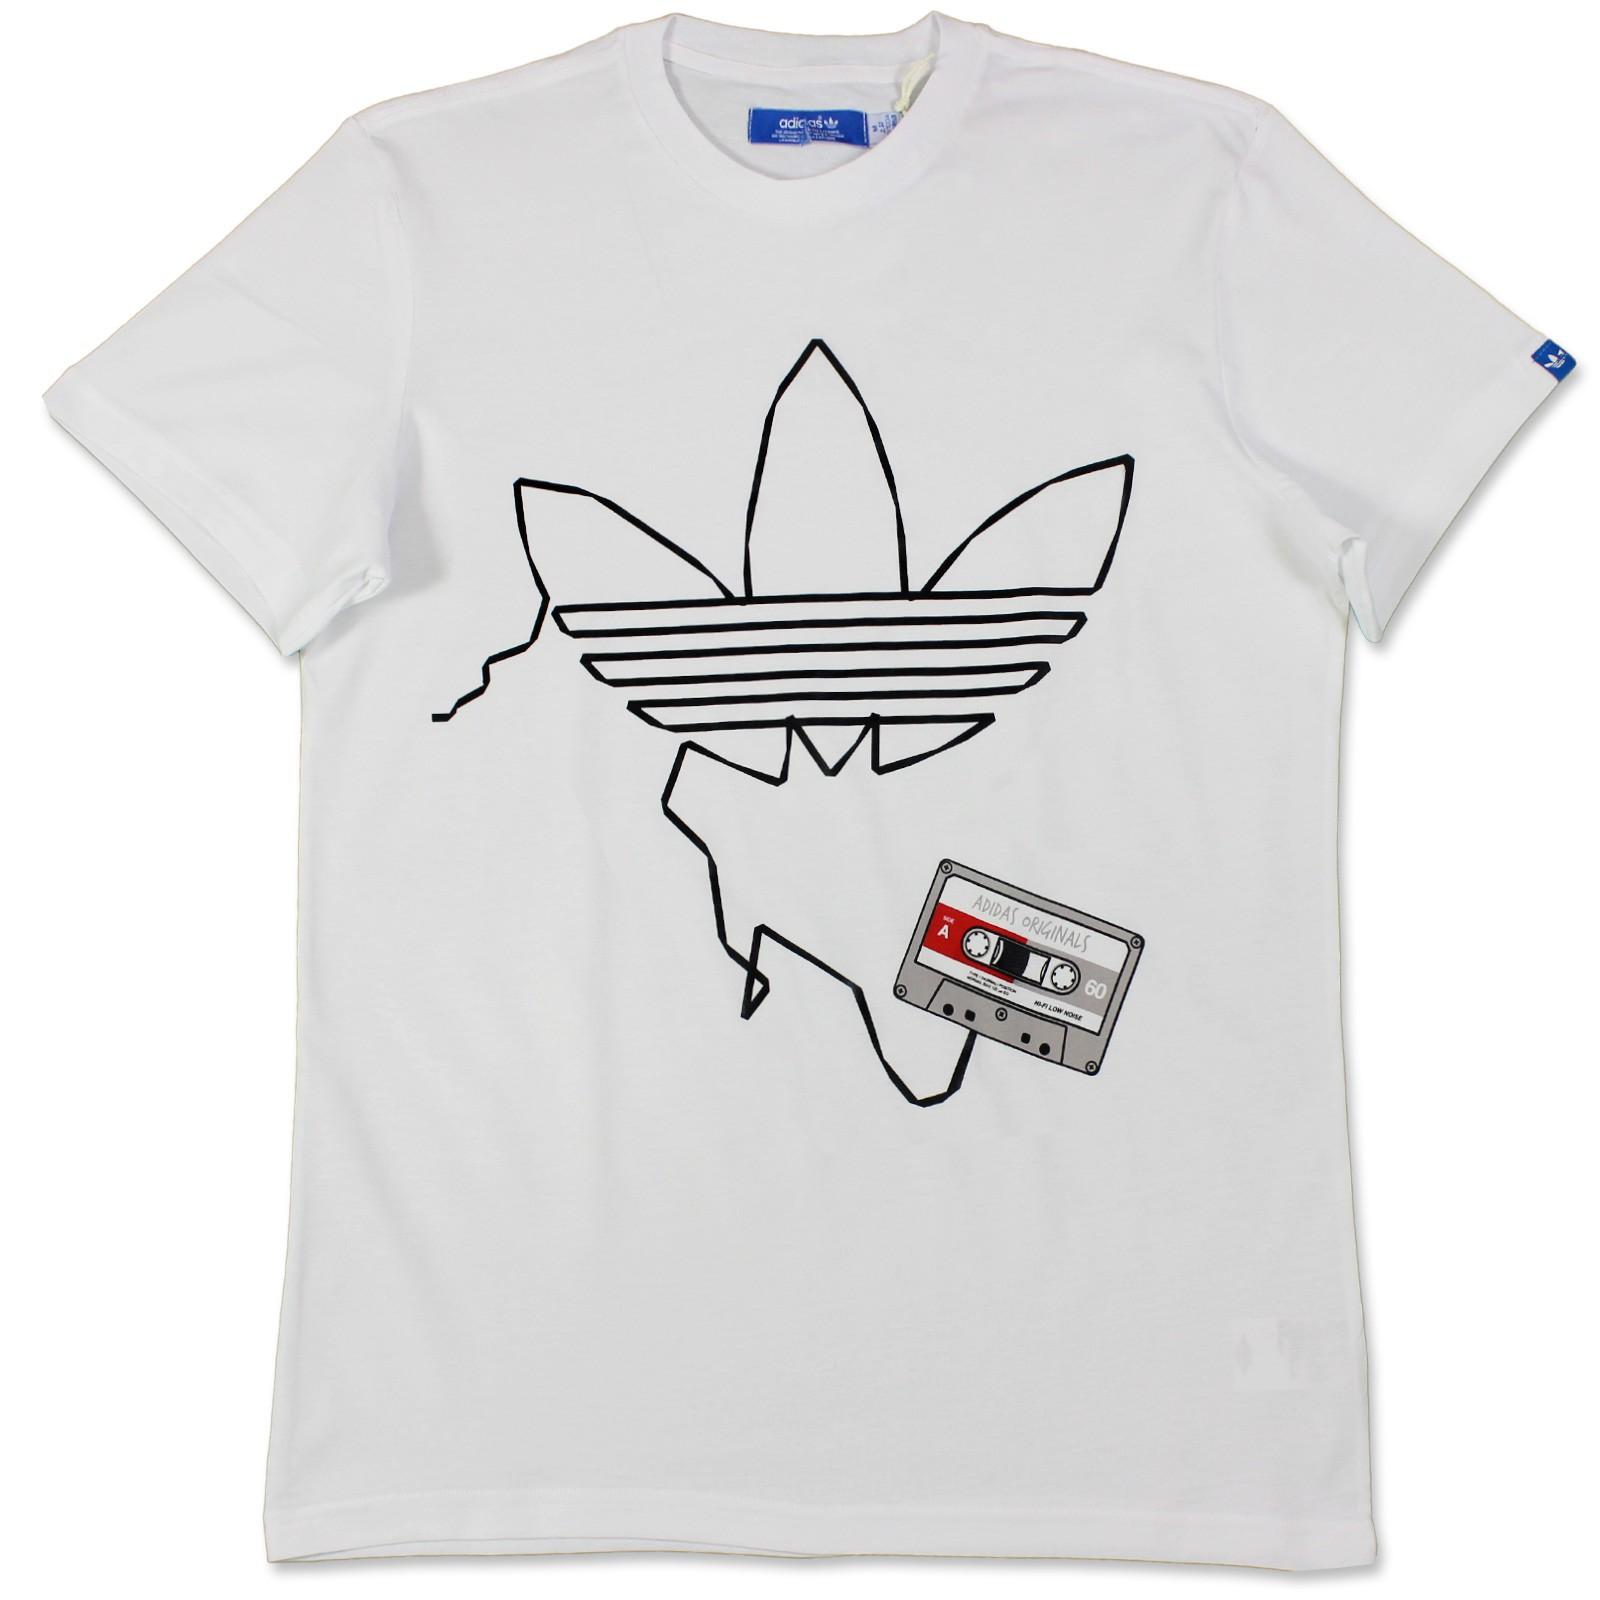 adidas original homme g t shirt trf bande trefoil cassette x34426 blanc l ebay. Black Bedroom Furniture Sets. Home Design Ideas